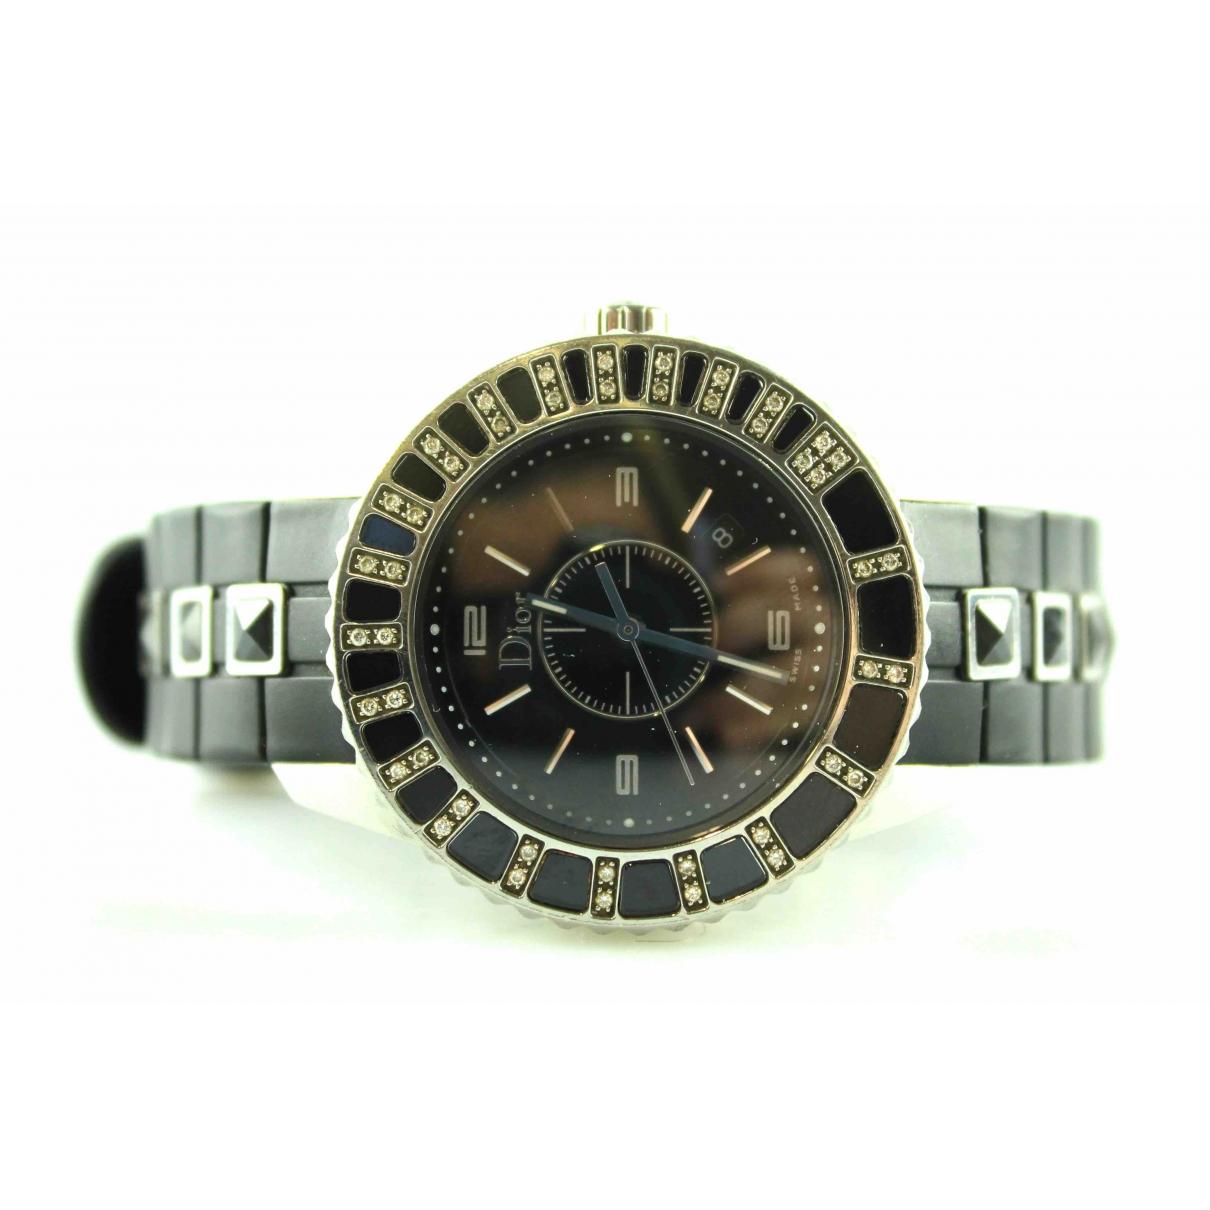 Reloj Christal Dior